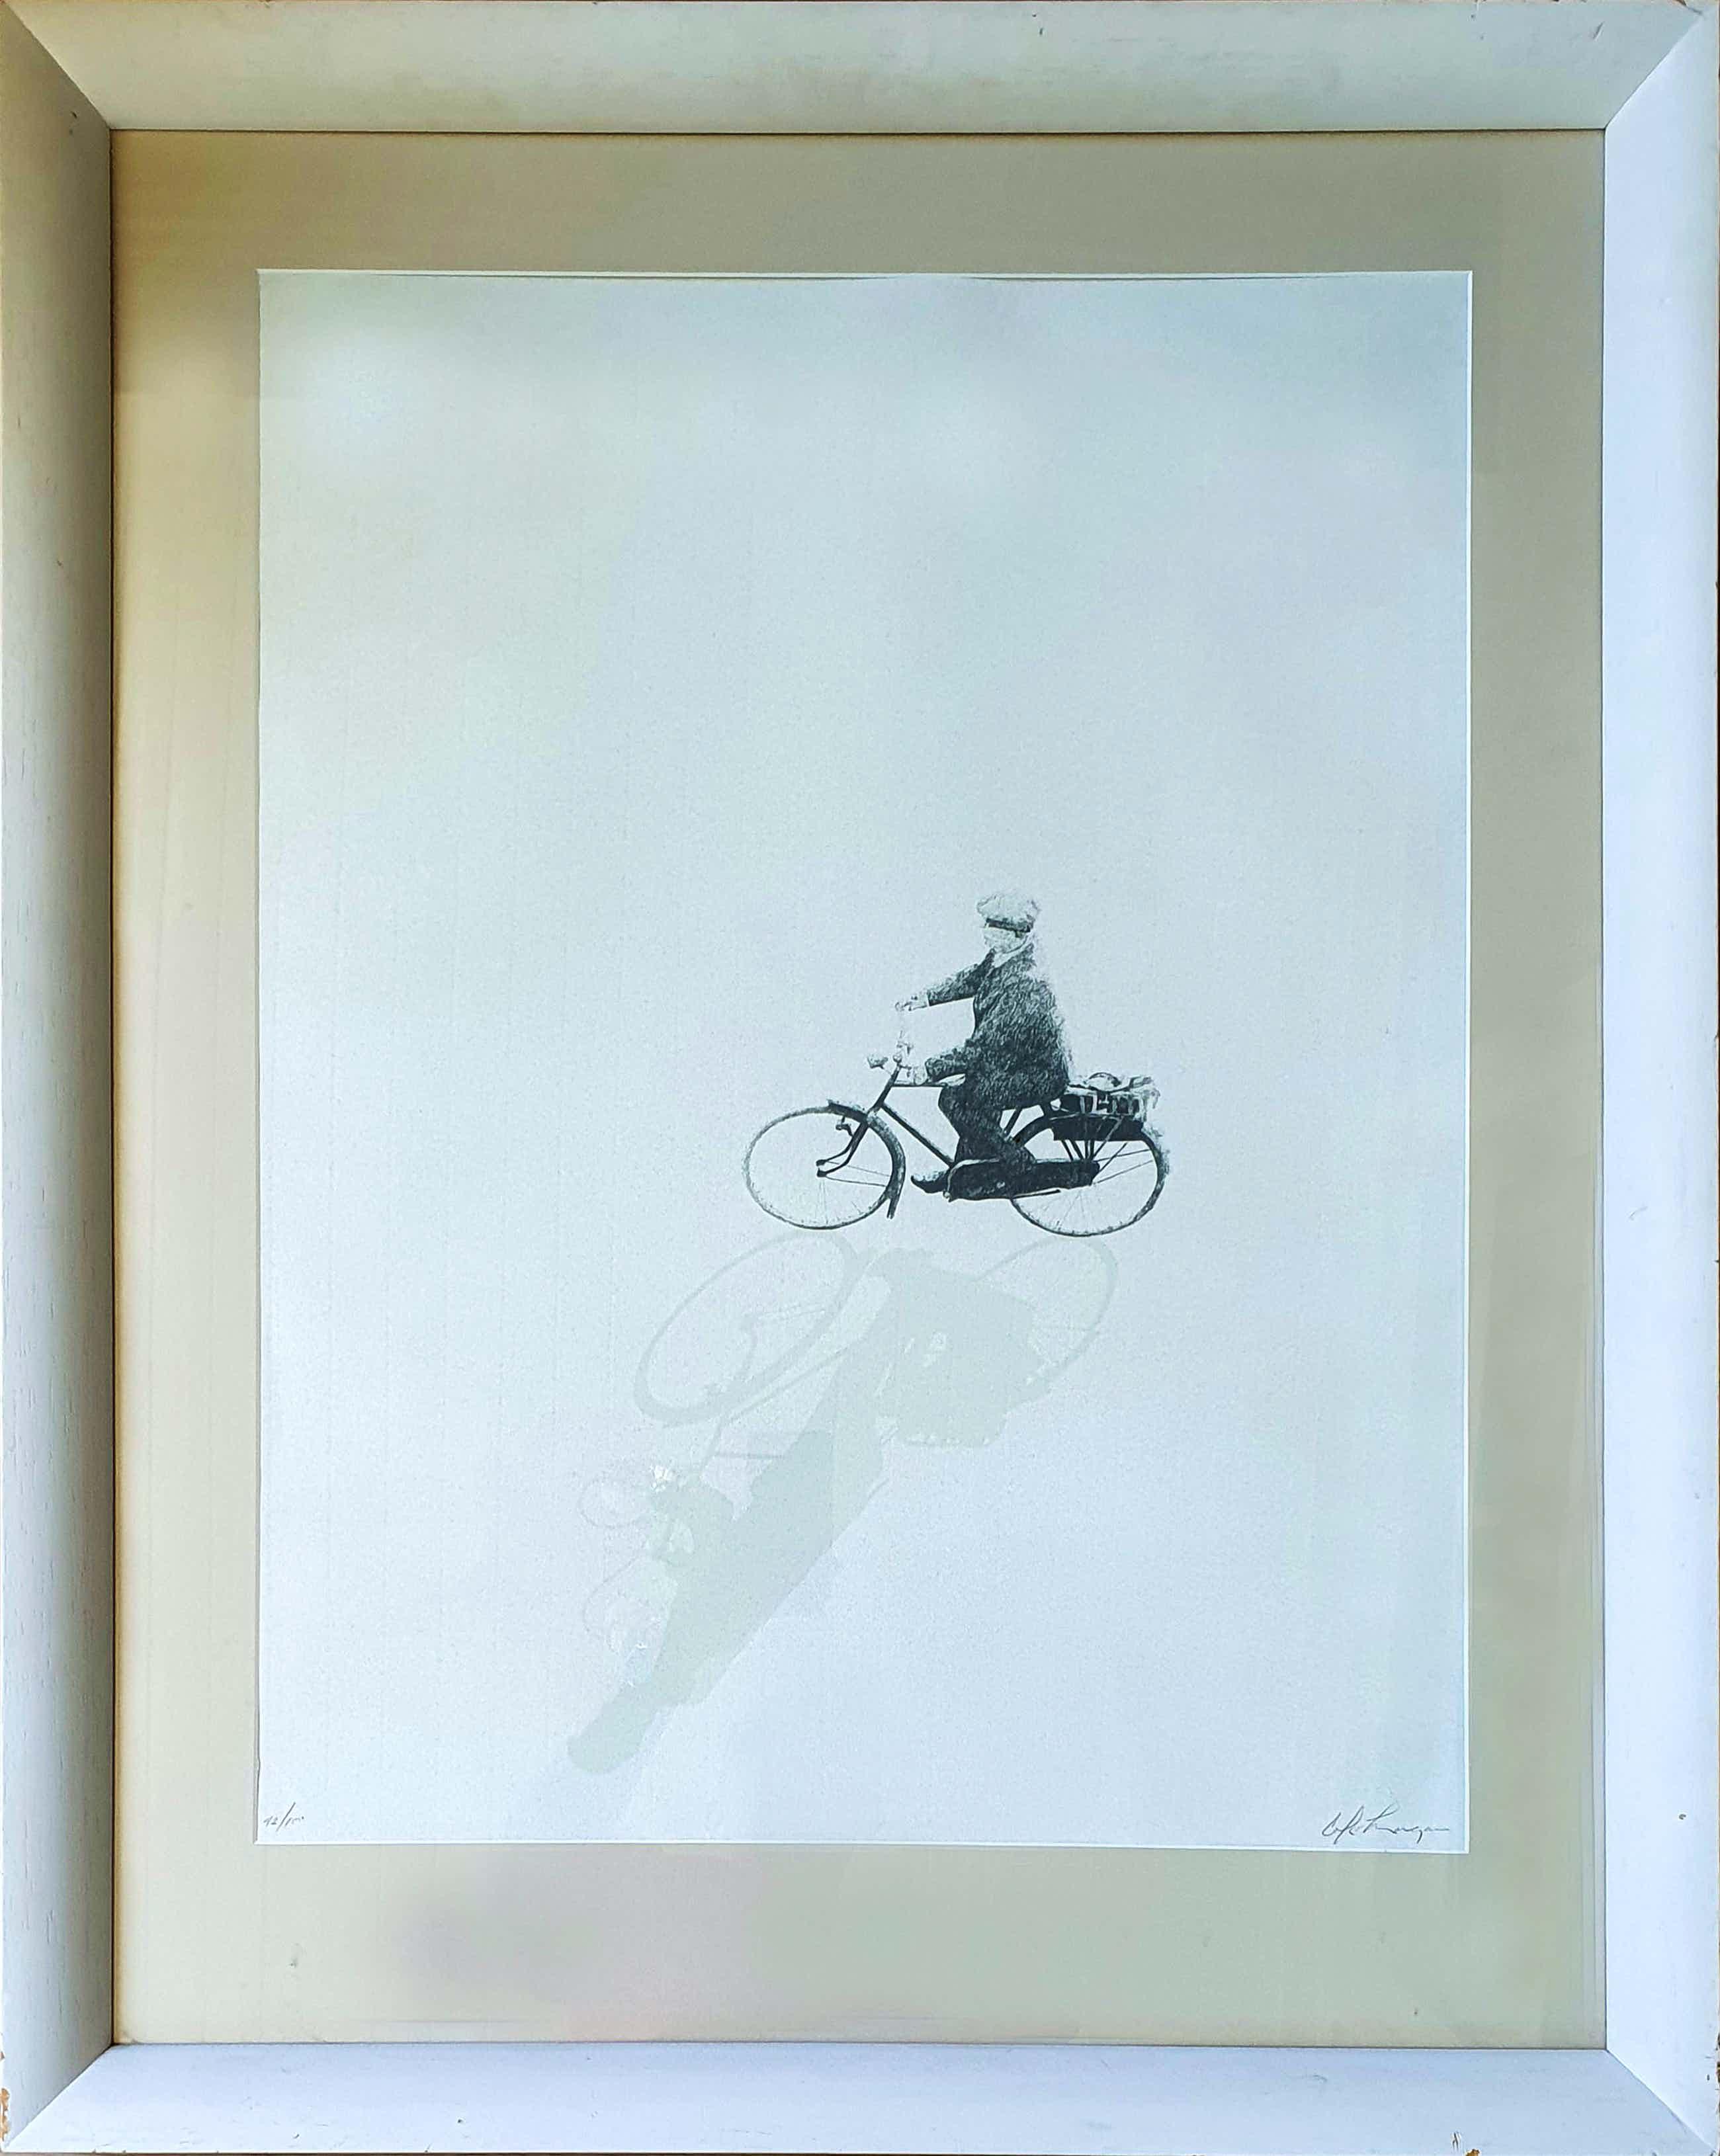 Cole Morgan - Man op fiets - ingelijst kopen? Bied vanaf 155!